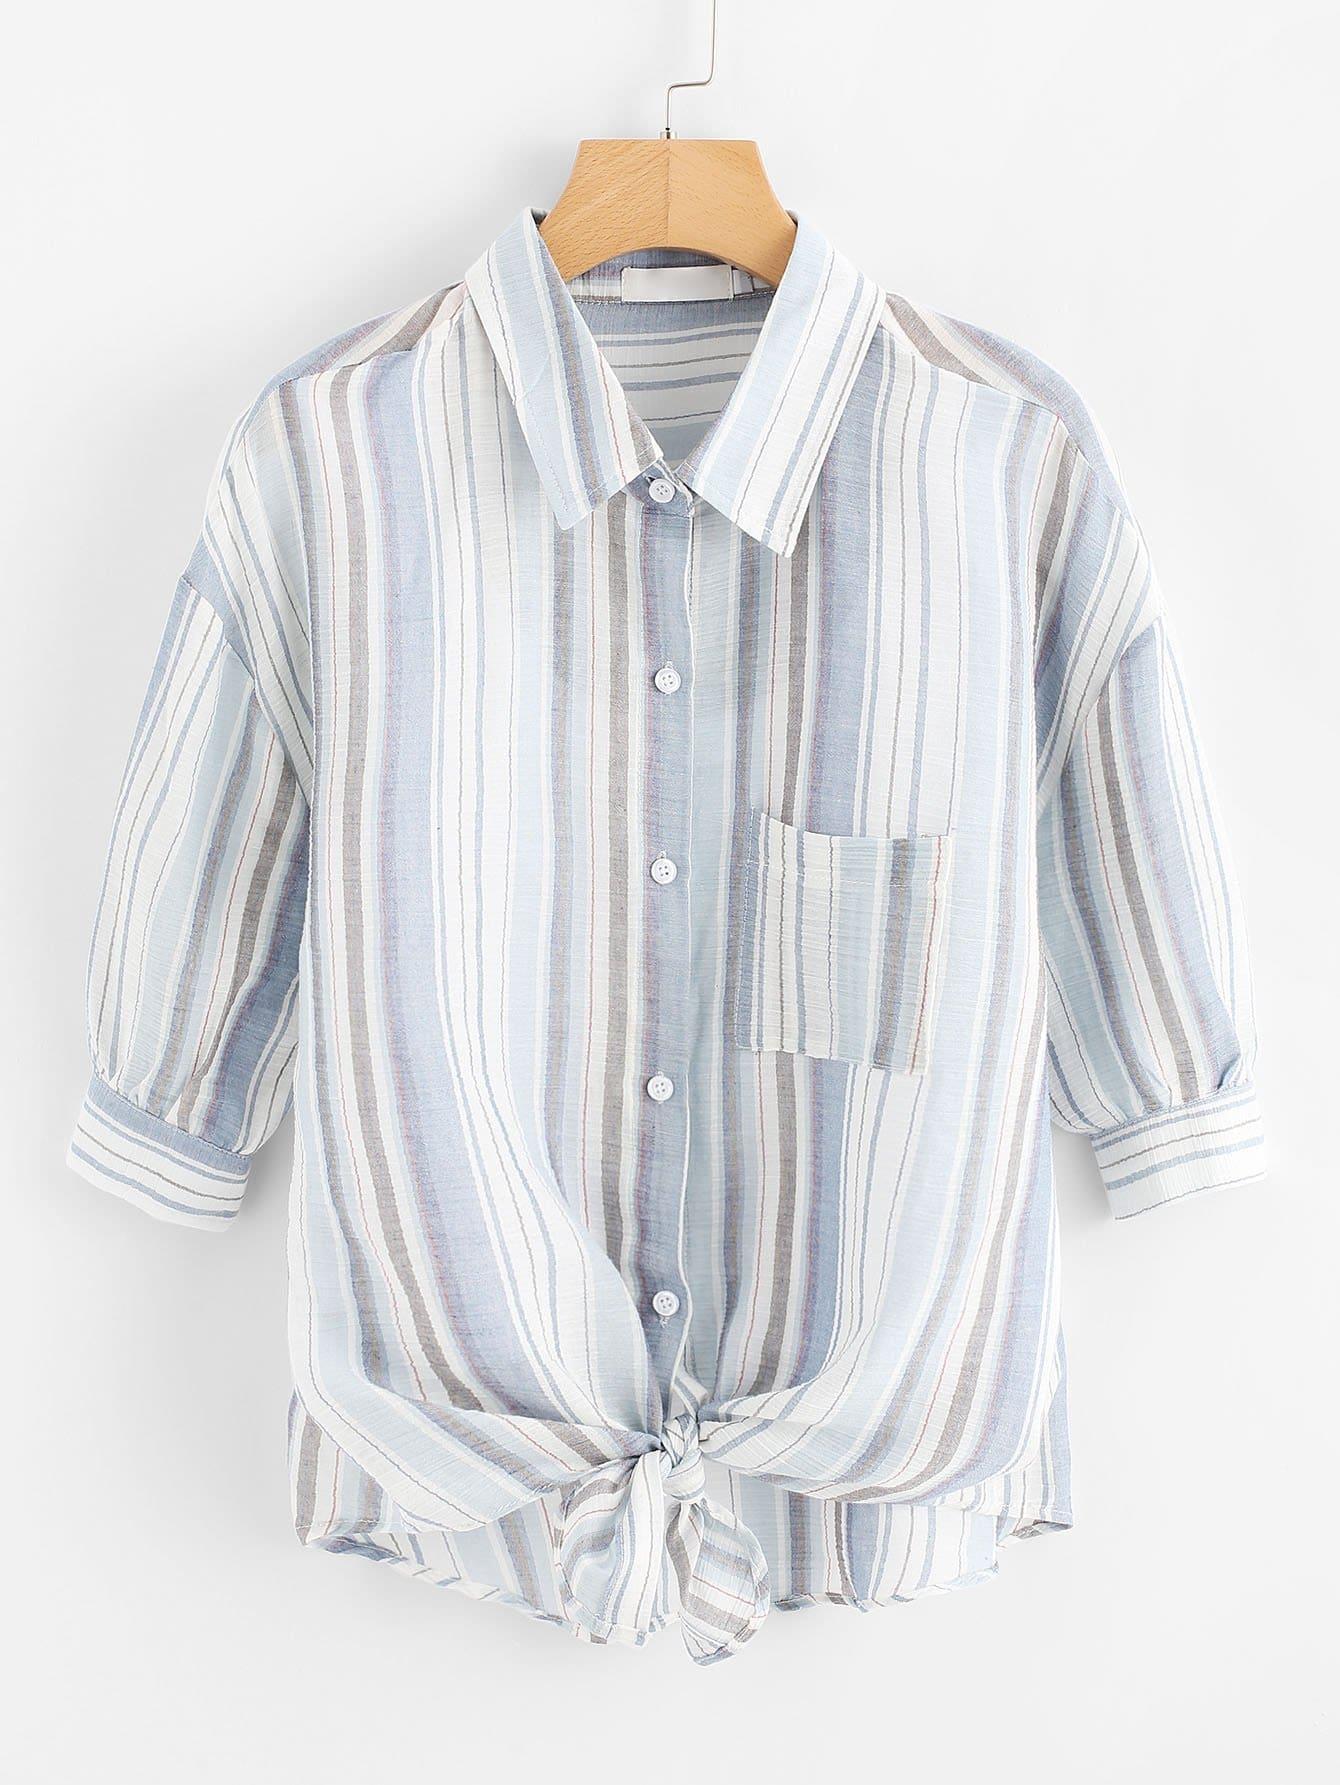 Bluse mit sehr tief angesetzter Schulterpartie, Knoten und Streifen